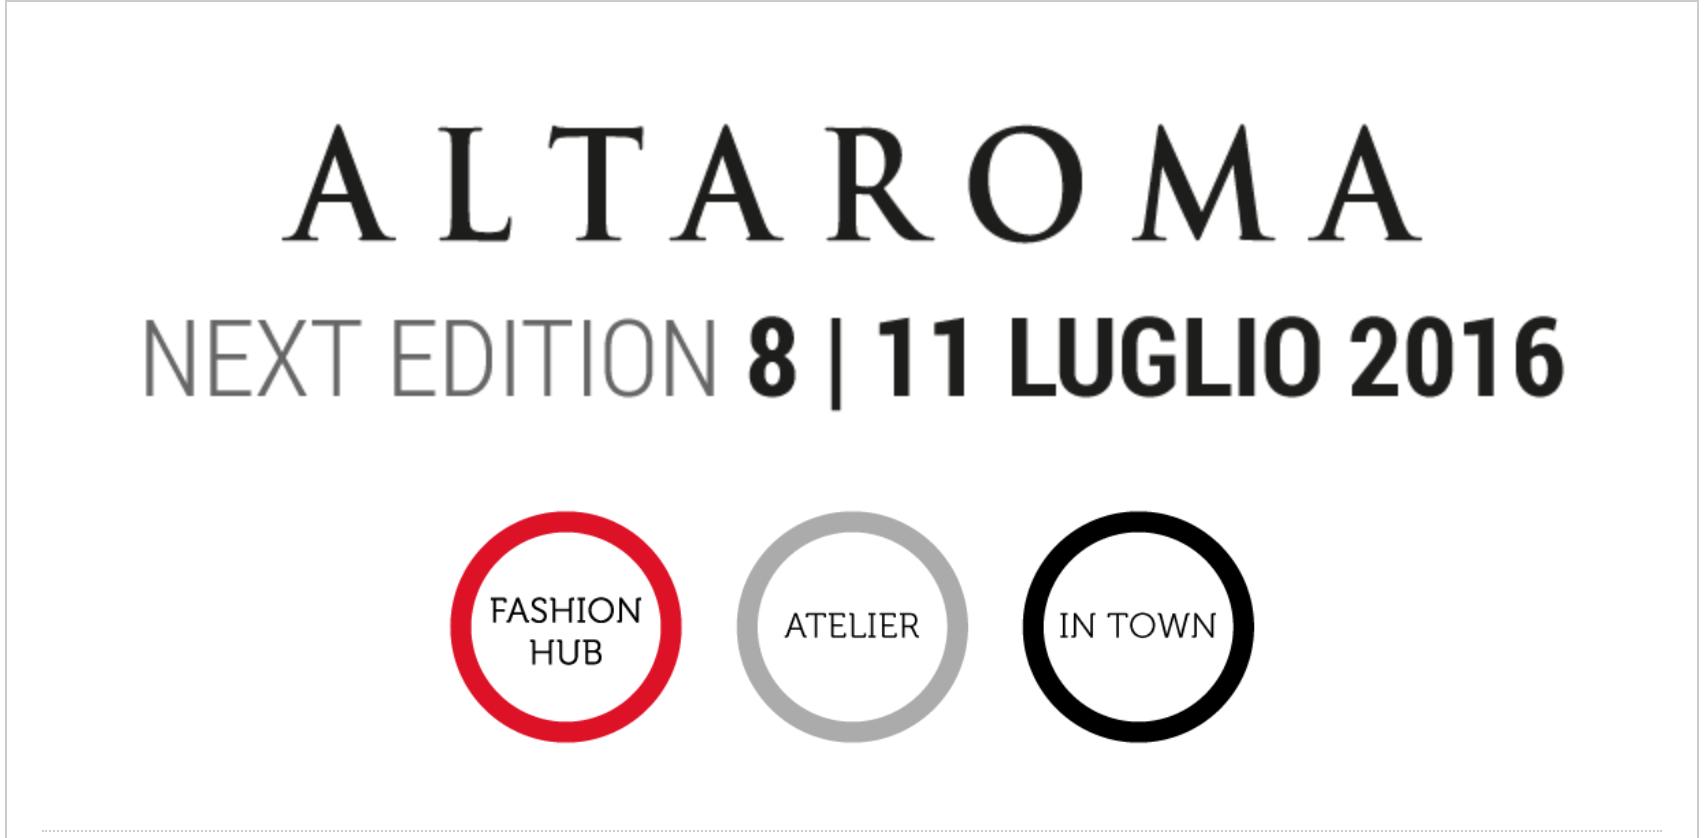 AltaRoma dall'8 all'11 Luglio. Studio13 immancabilmente presente.